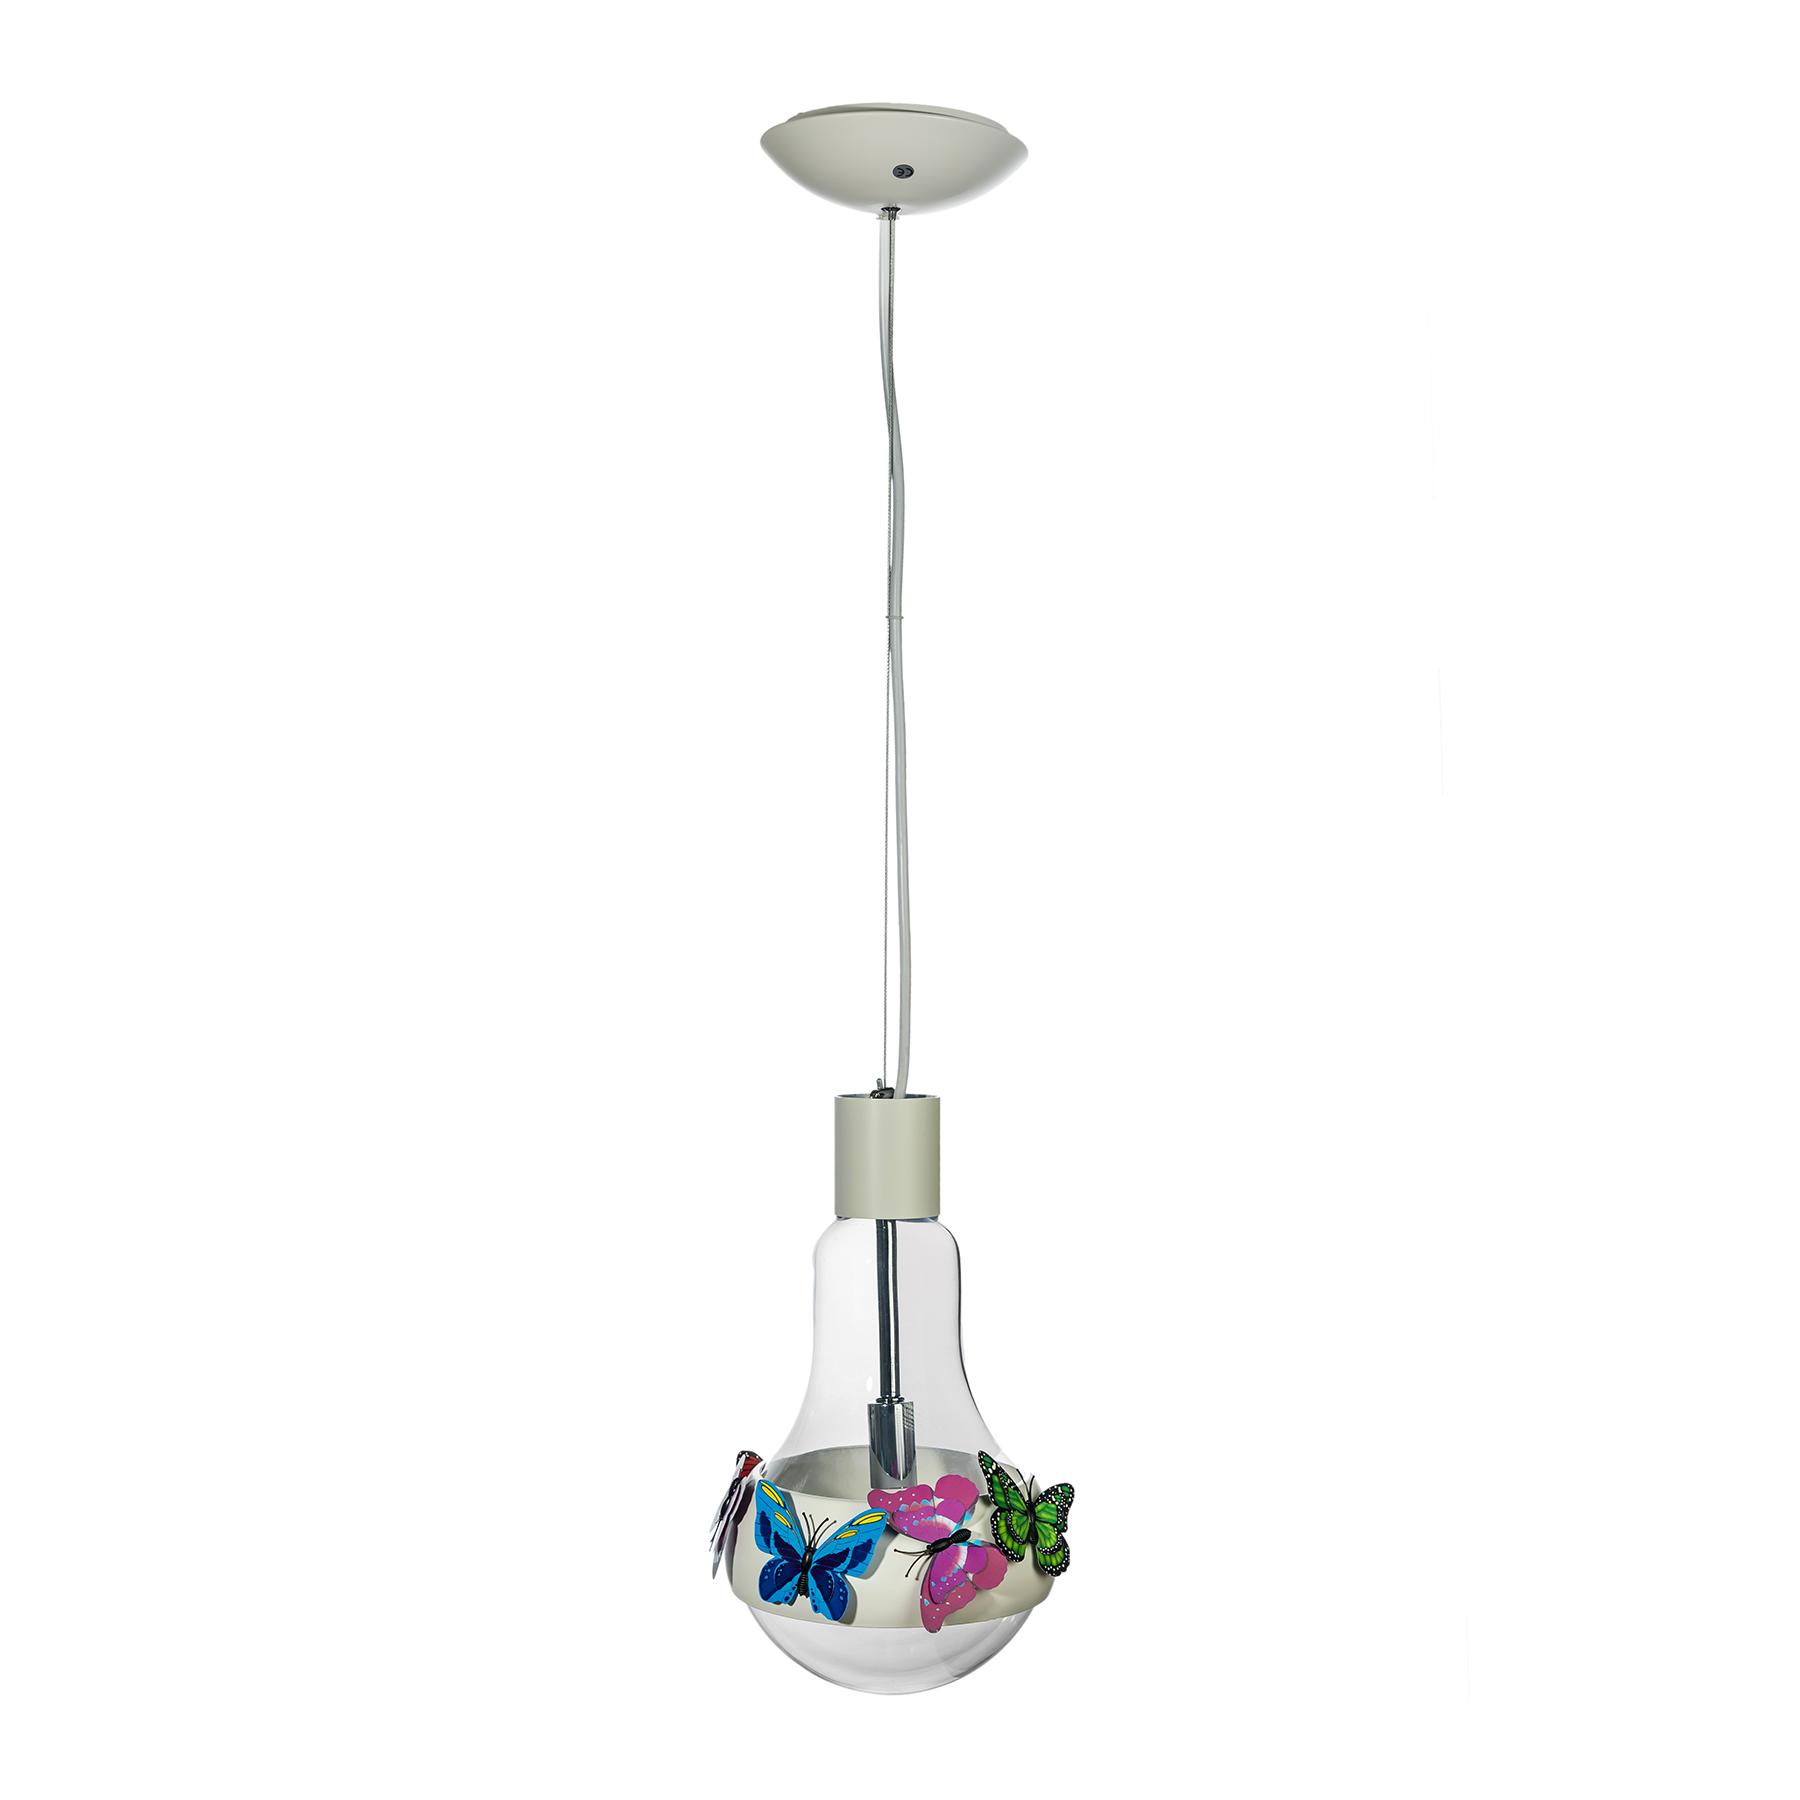 Купить Подвесной светильник Del Rey белый, inmyroom, Китай